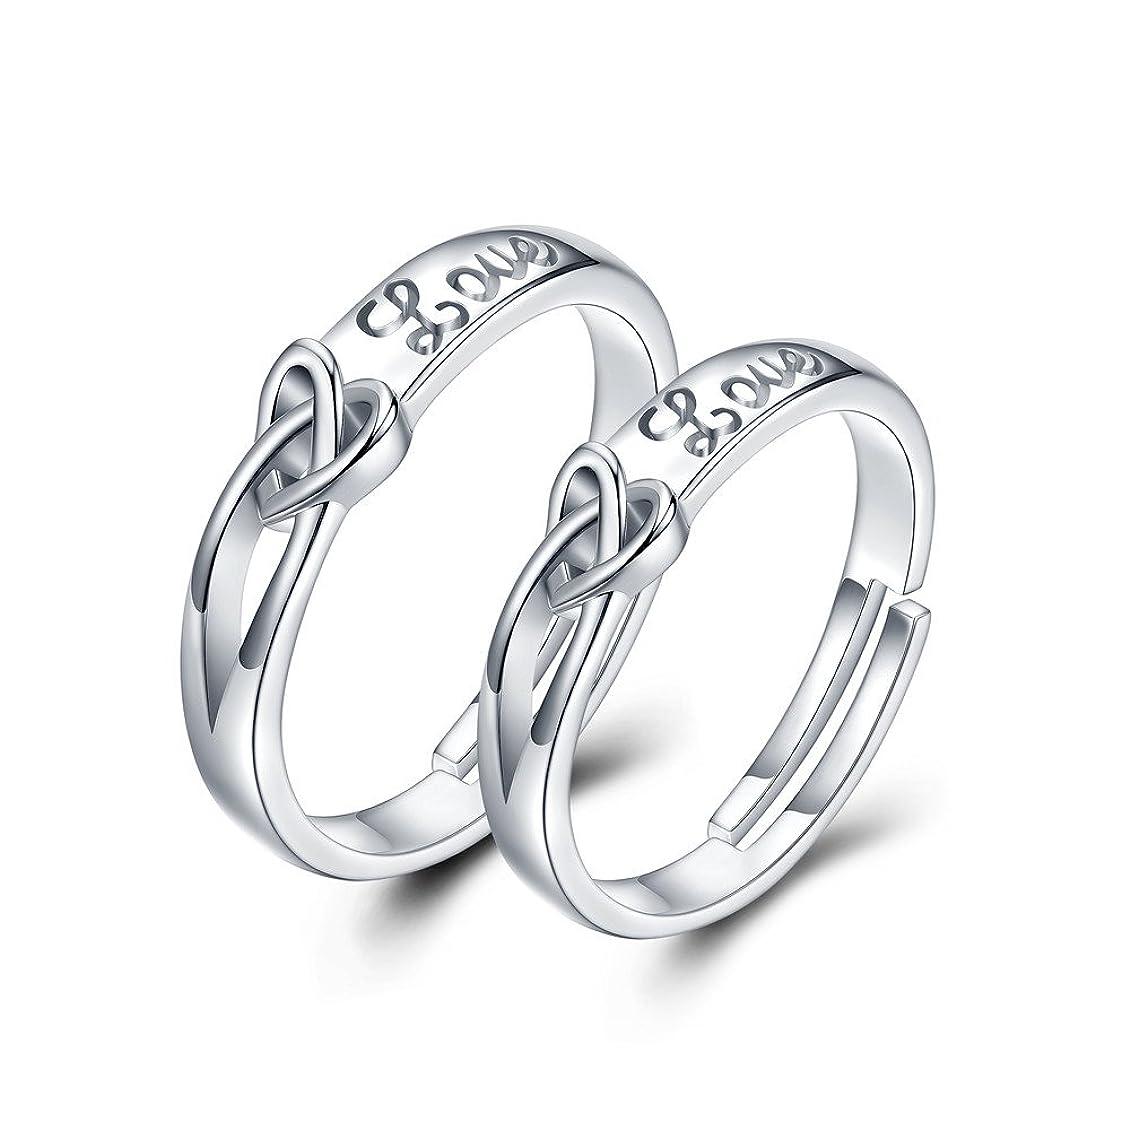 回想ぼろメーカーJUDYの秘密<愛の言葉>ペアリング ハート 指輪2個セット レディースリング 純銀指輪 メンズリング キラキラ 結婚指輪 婚約指輪 フリーサイズ (個別販売 可) (ペアリング)